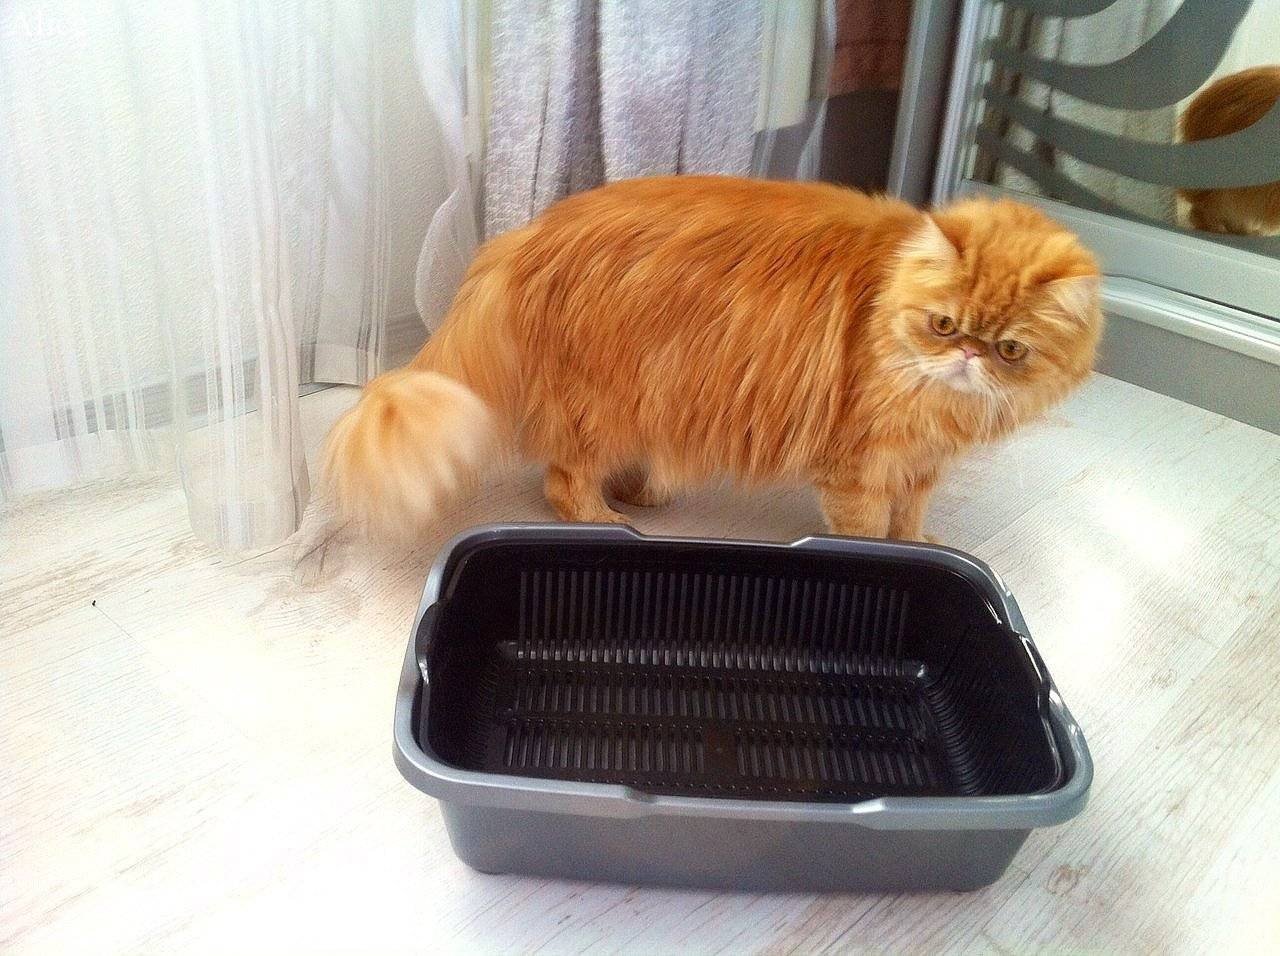 Кот перестал ходить в лоток - чем это вызвано и что делать | caticat.ru